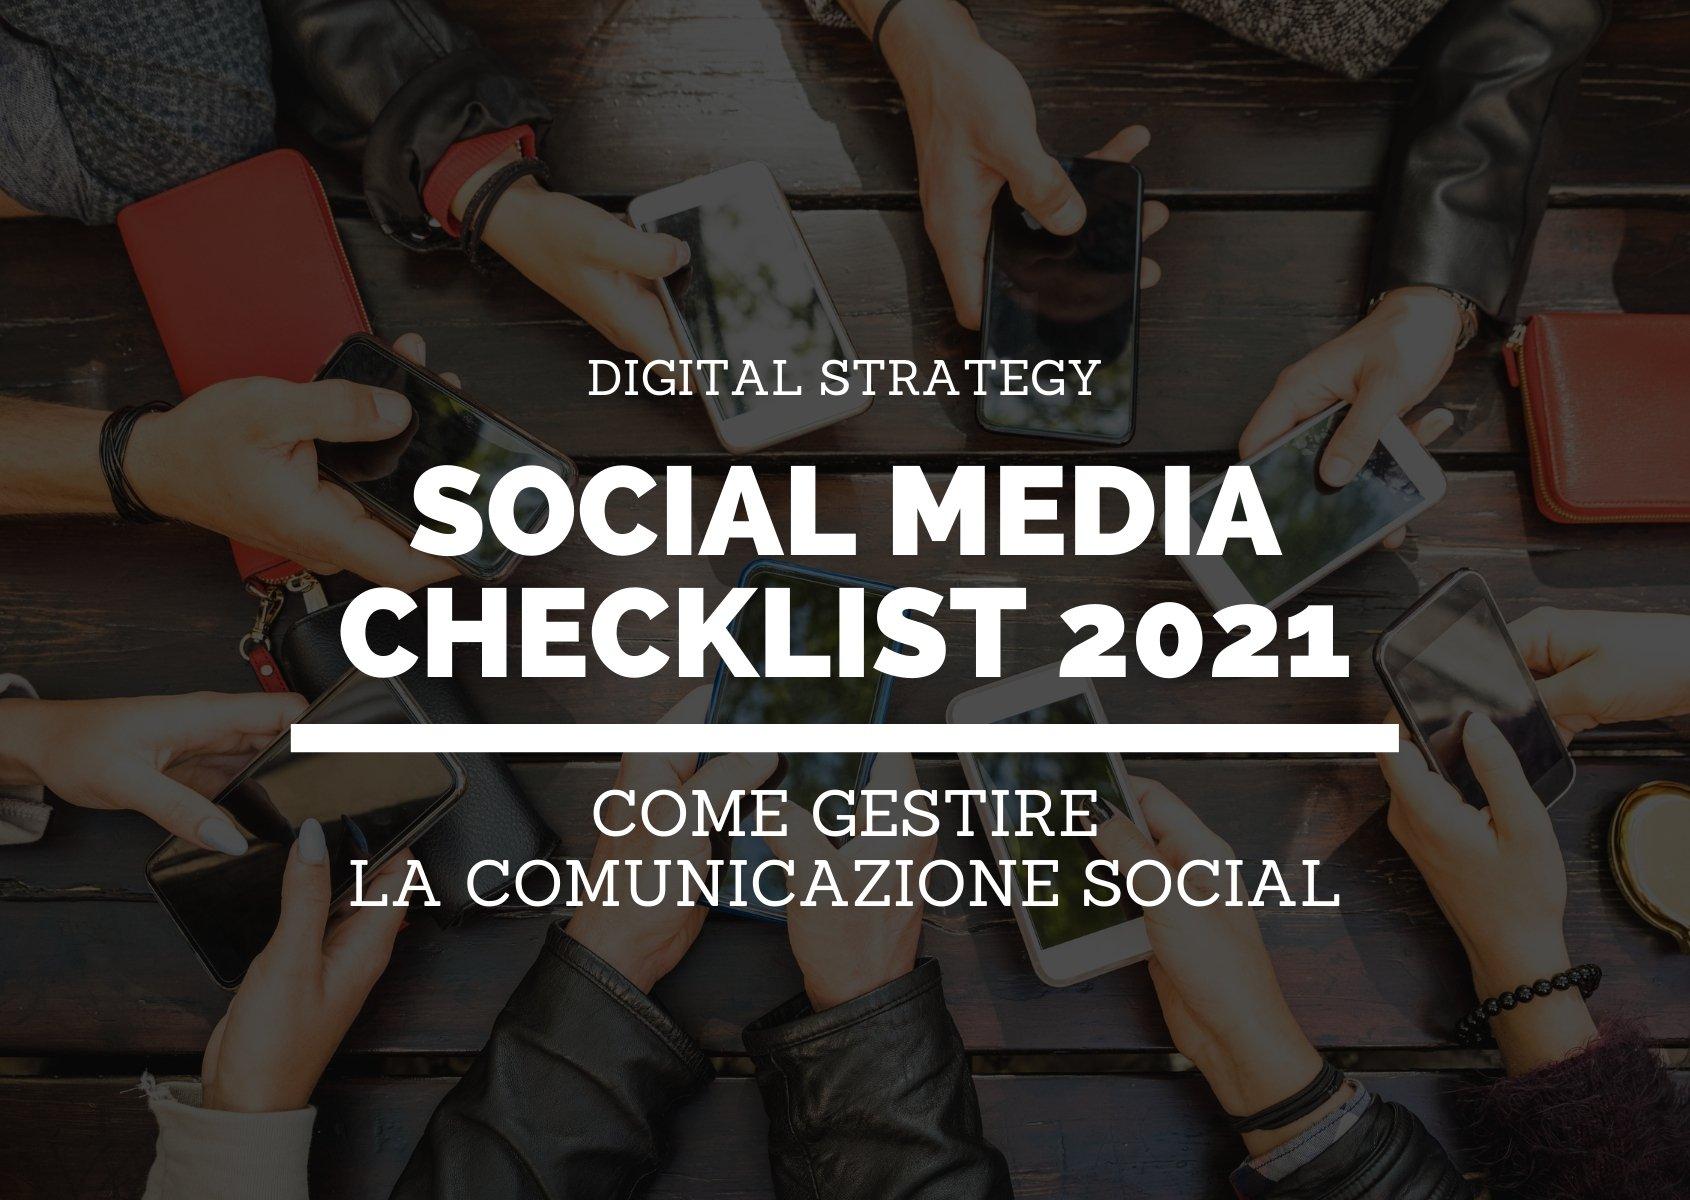 Blog-post-SOCIAL-MEDIA-CHECKLIST-2021-header